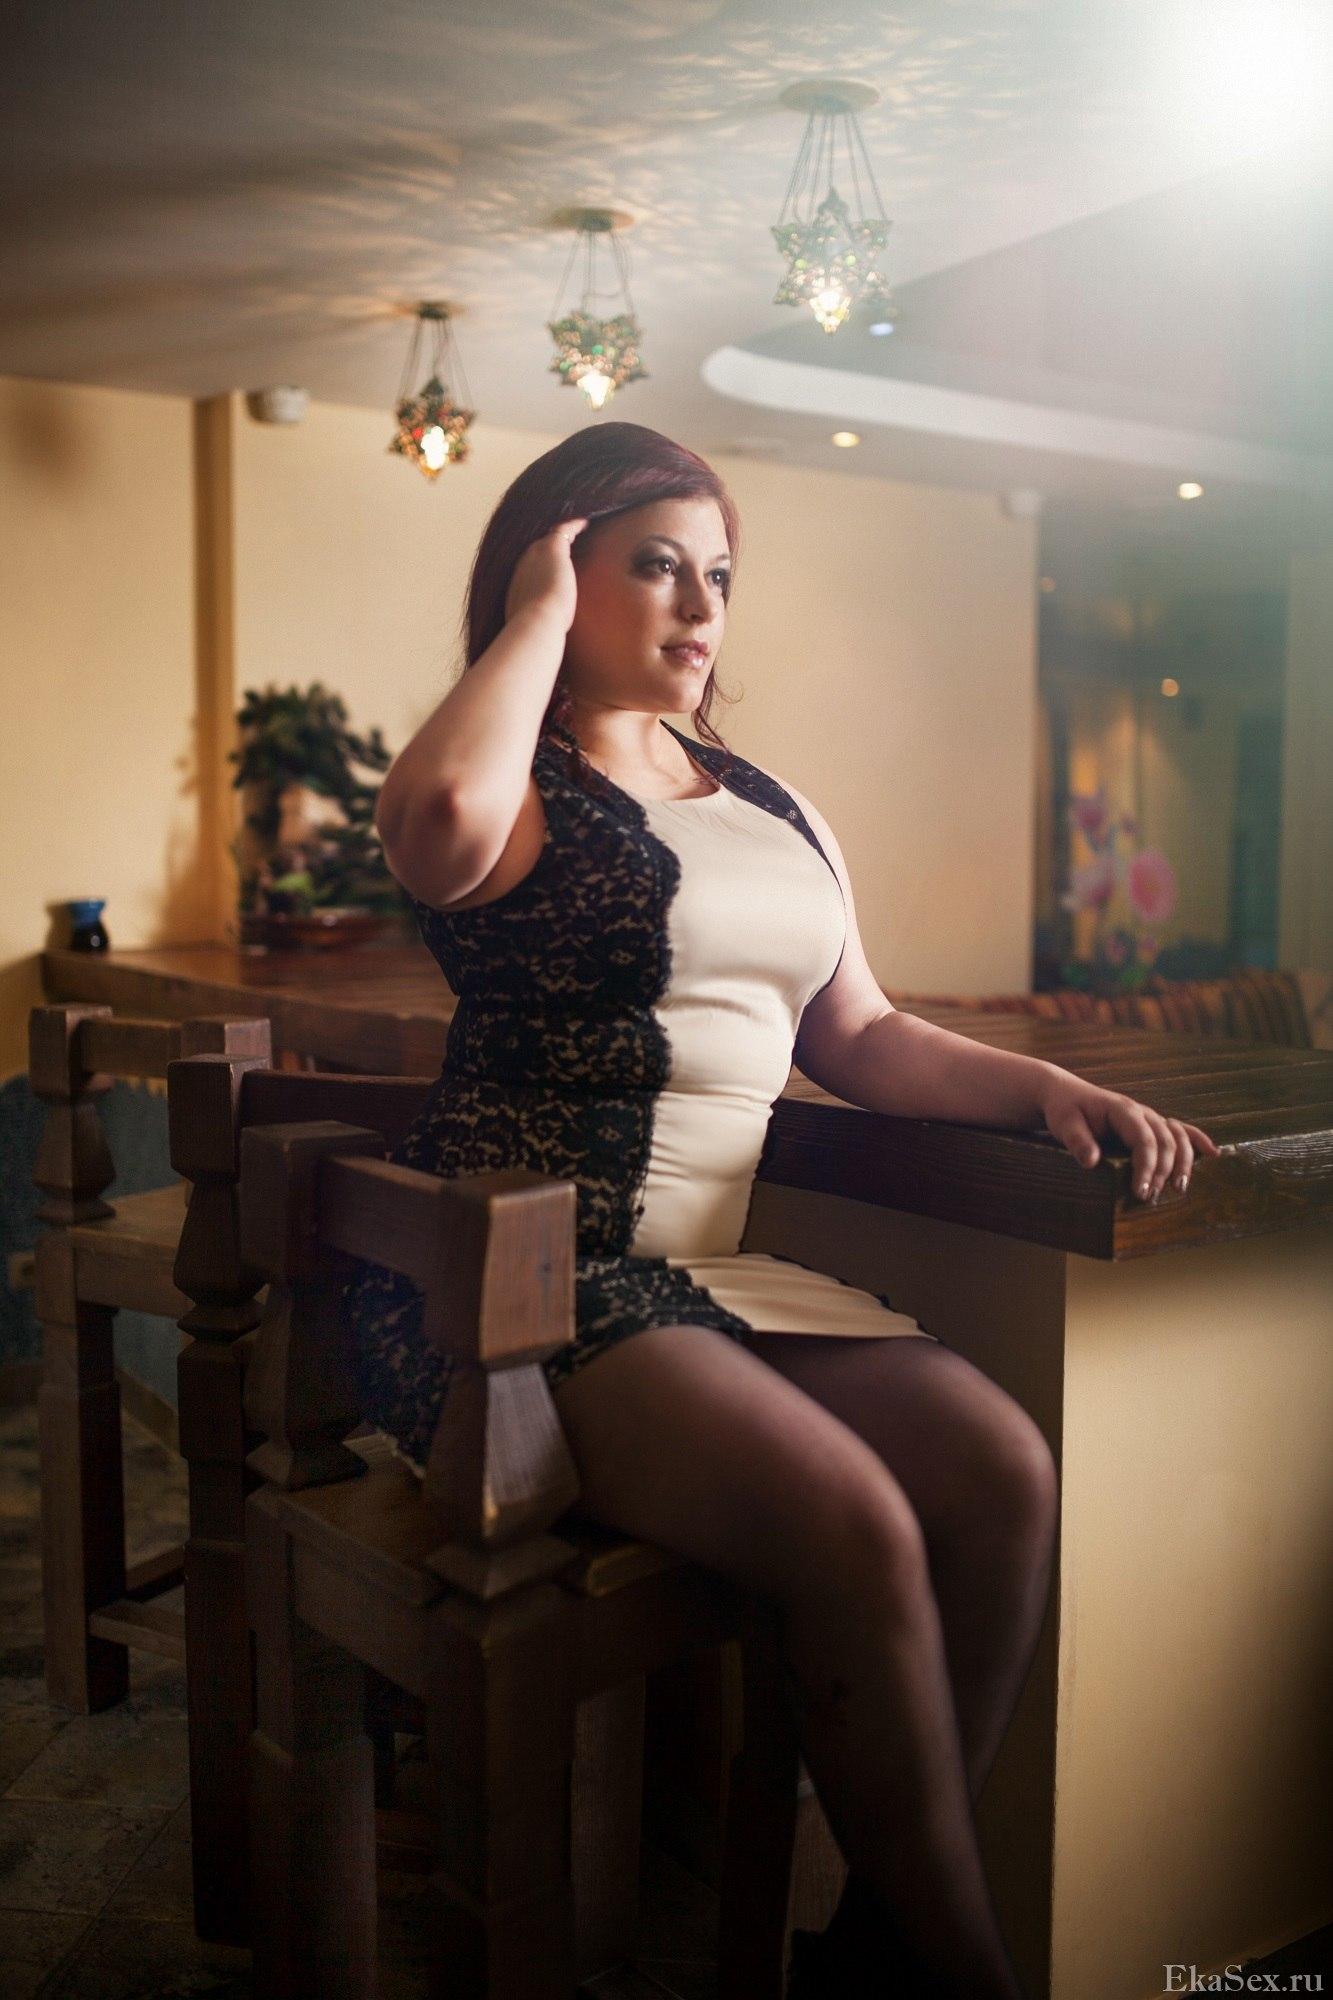 фото проститутки Мария из города Екатеринбург